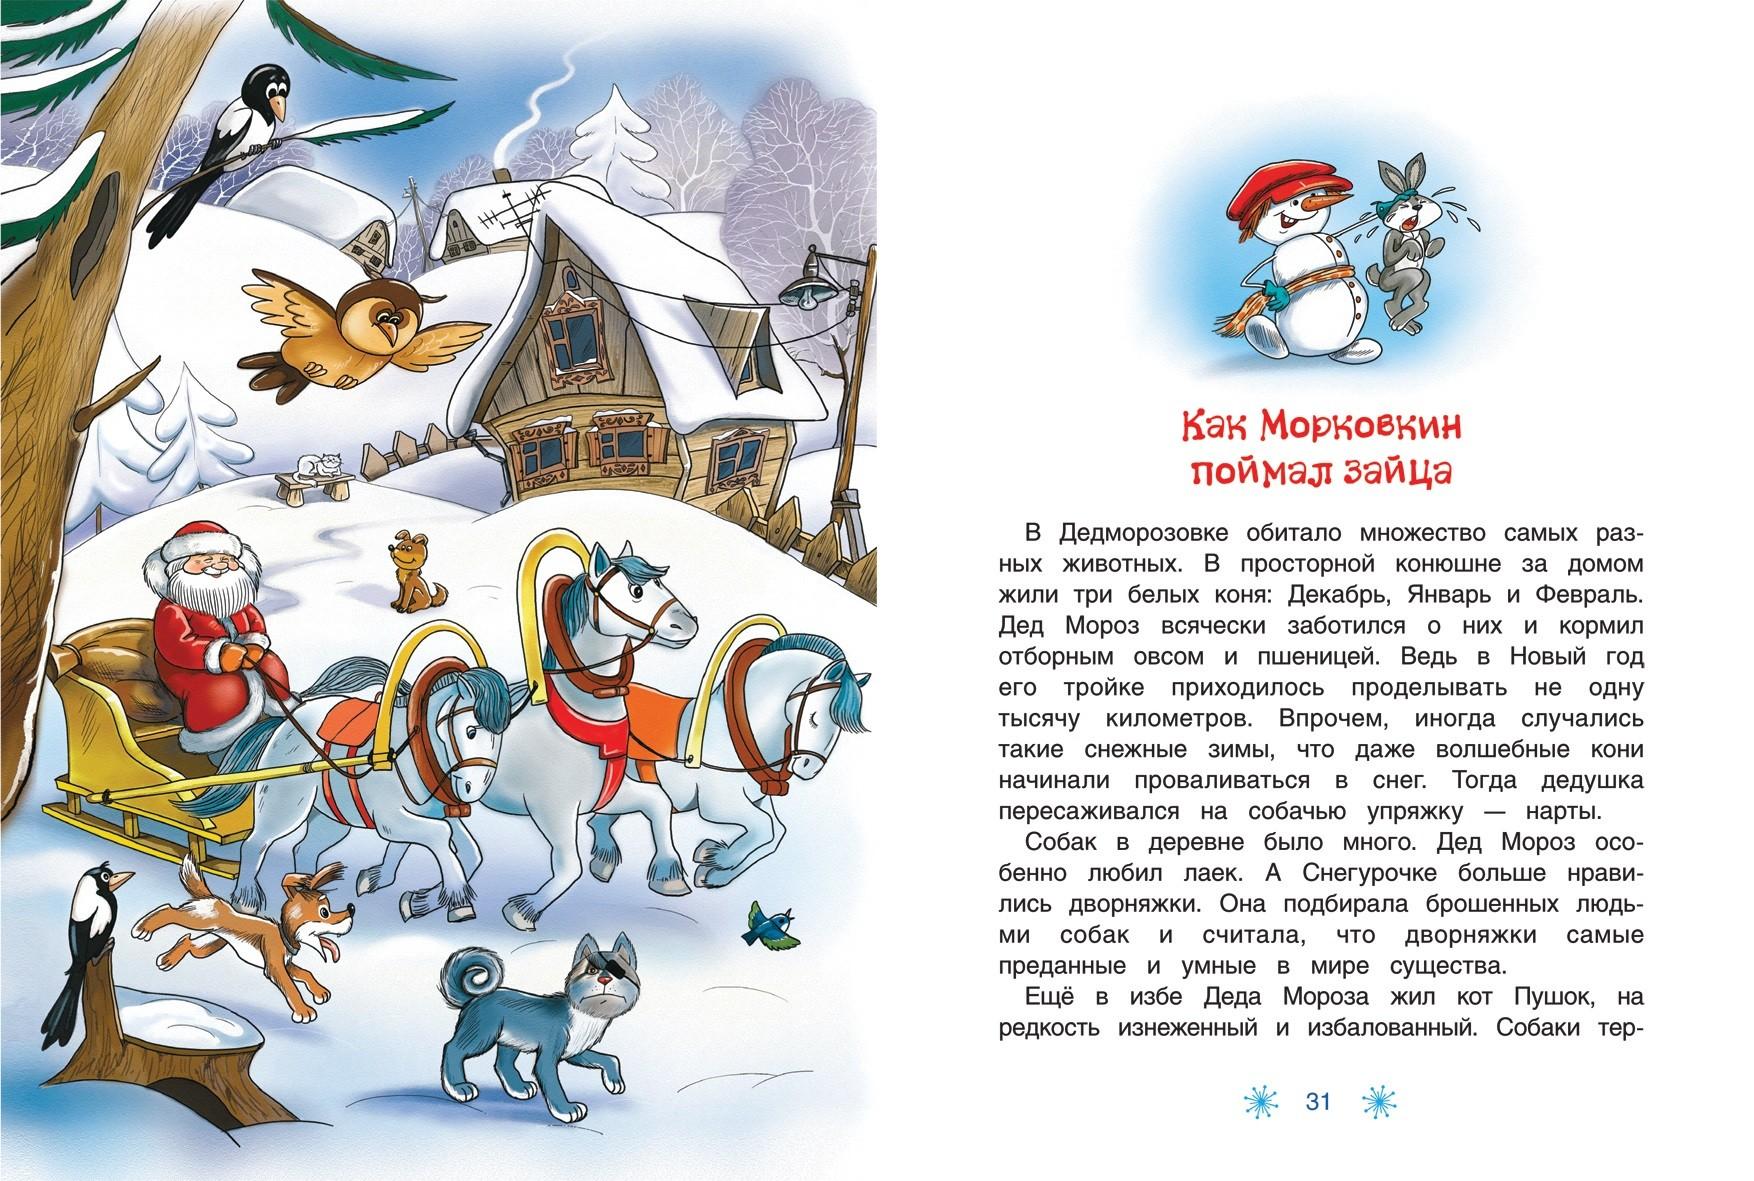 Дед мороз для ребенка на новый год - инструкция для родителей!